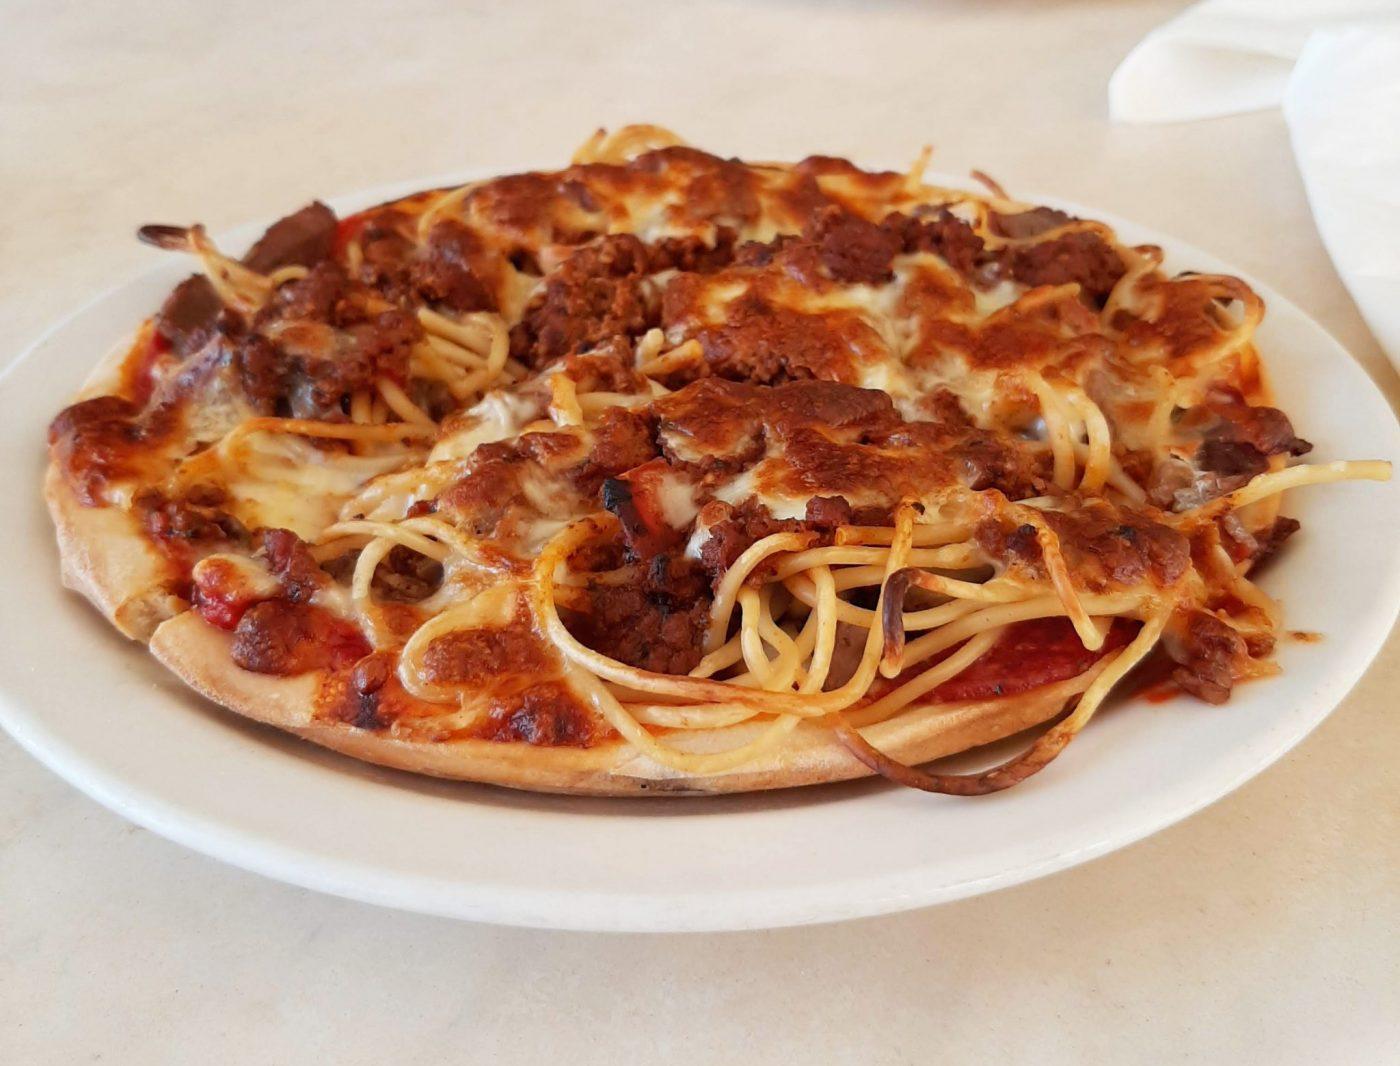 Spaghetti pizza - John's Pizza Restaurant